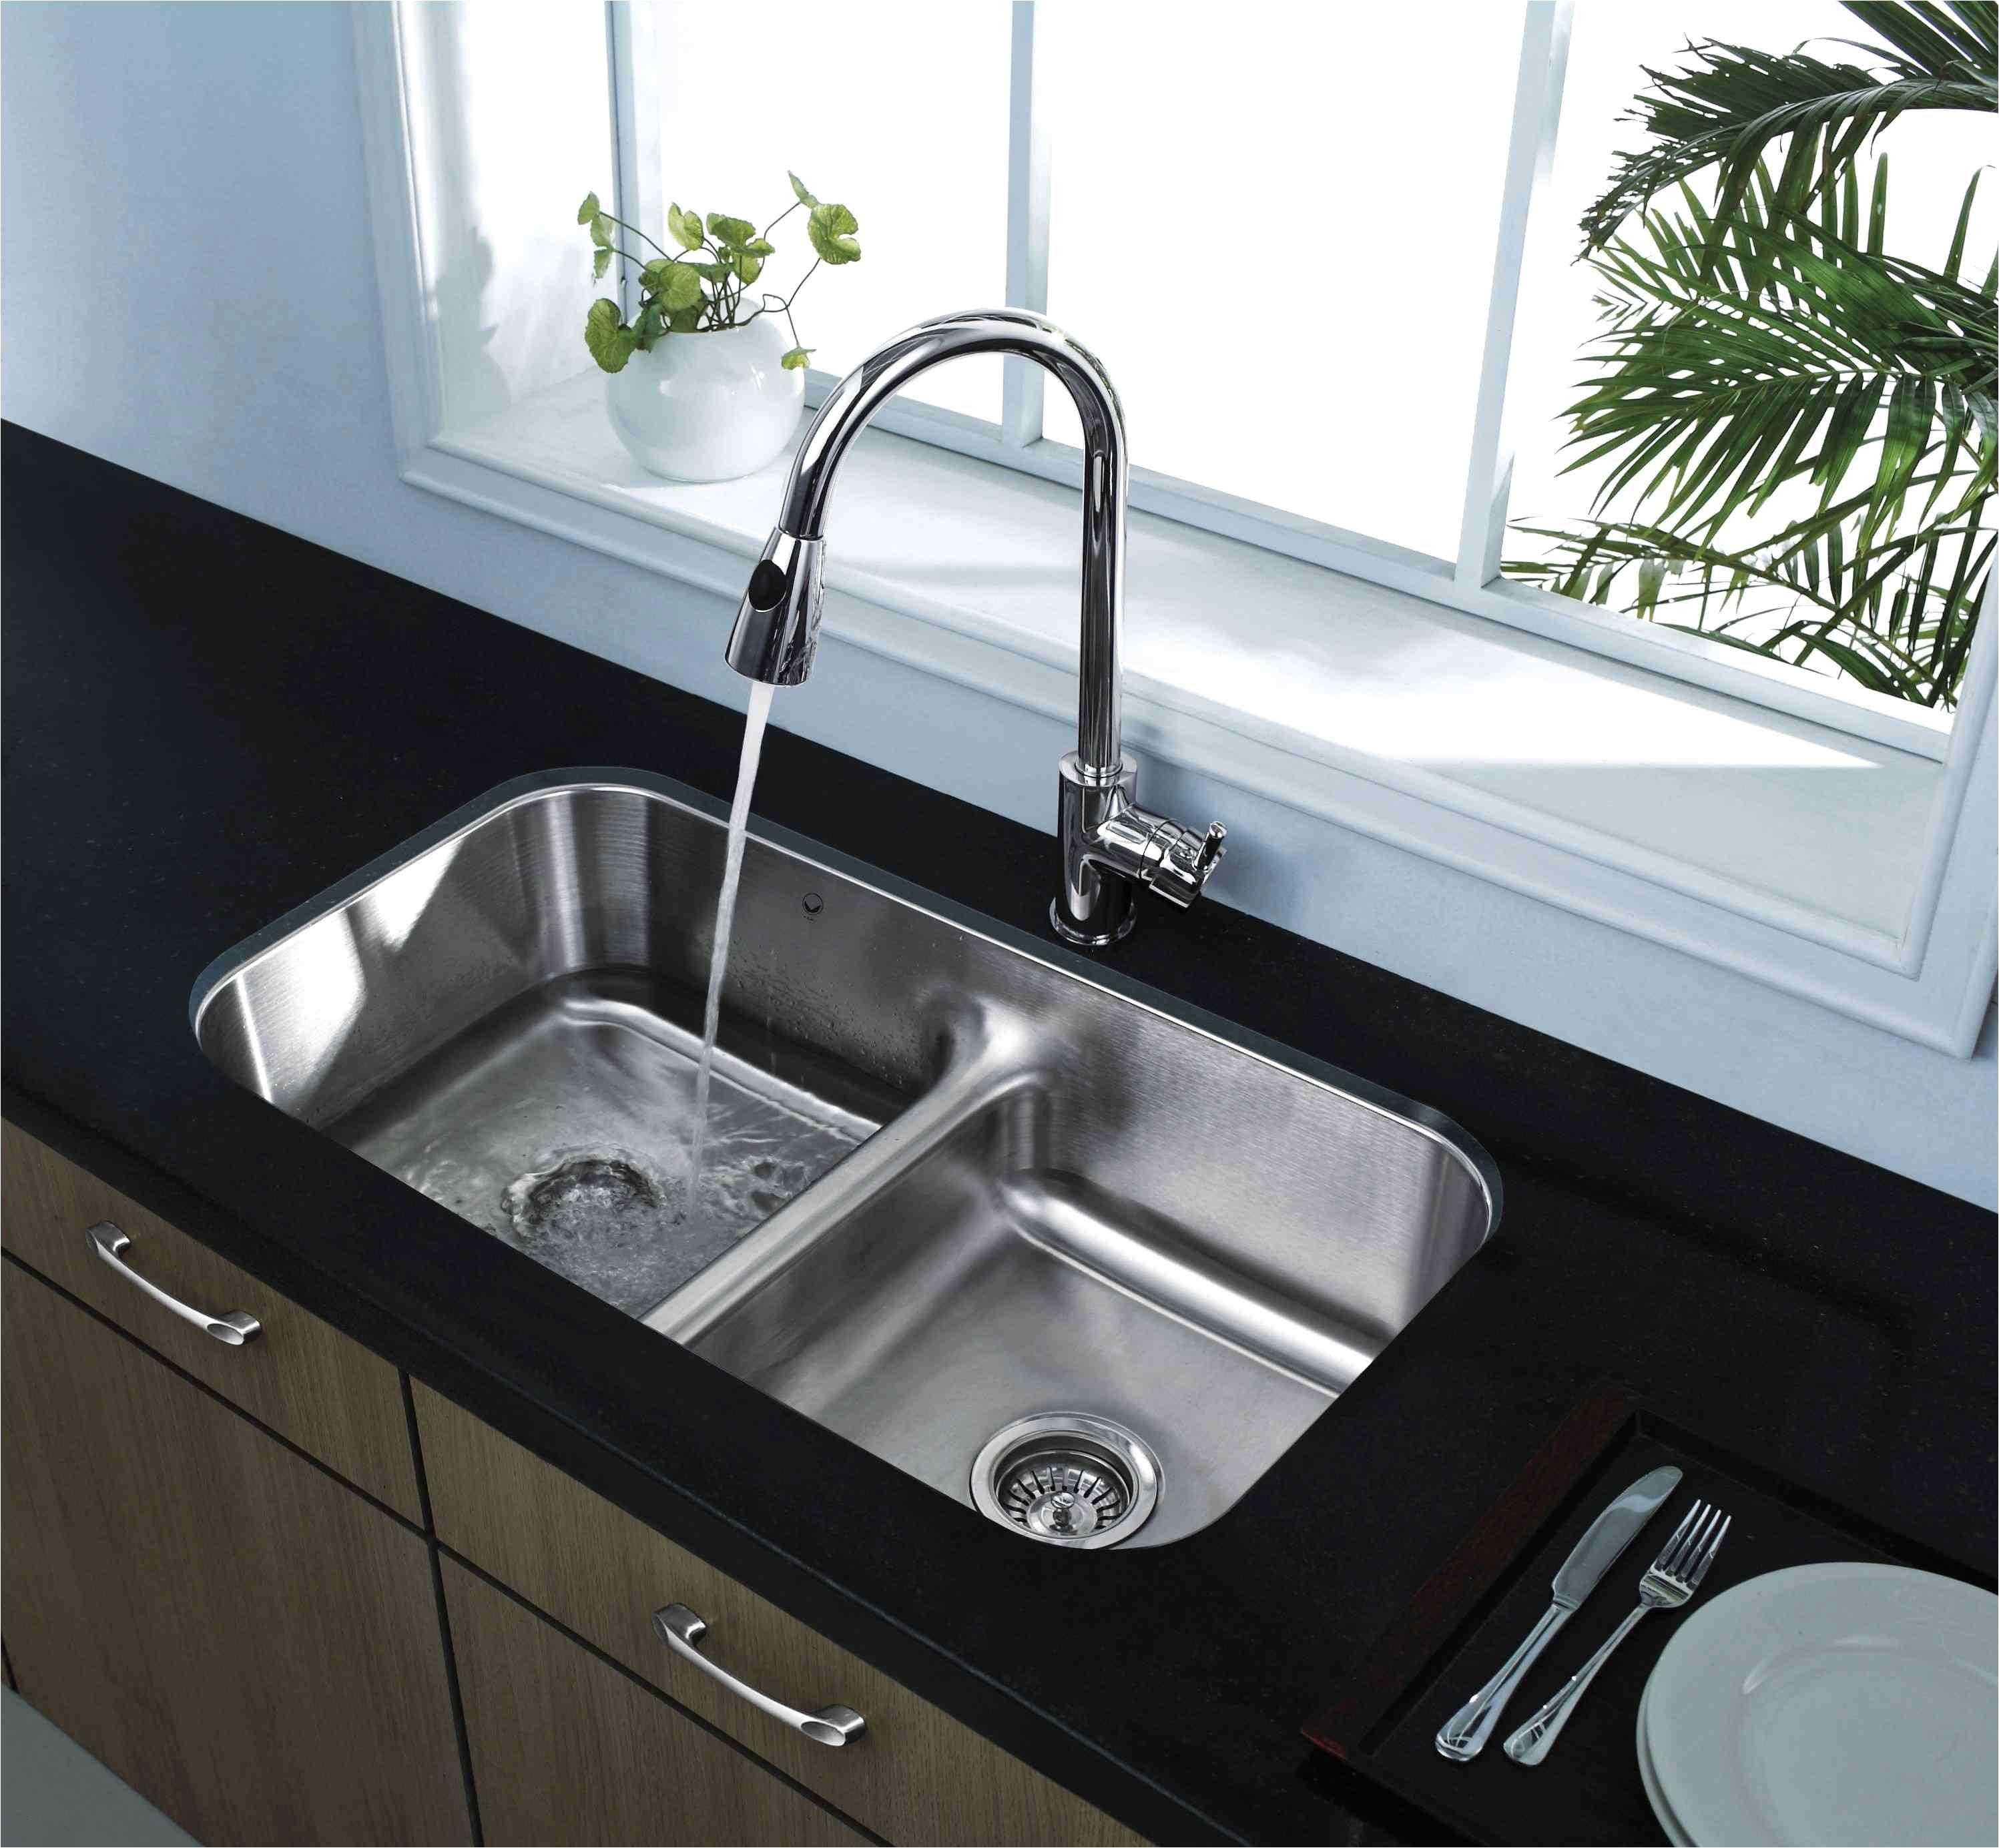 kitchen and bath design fresh kitchen sinks fancy kitchen sink drains new h sink mom stuck